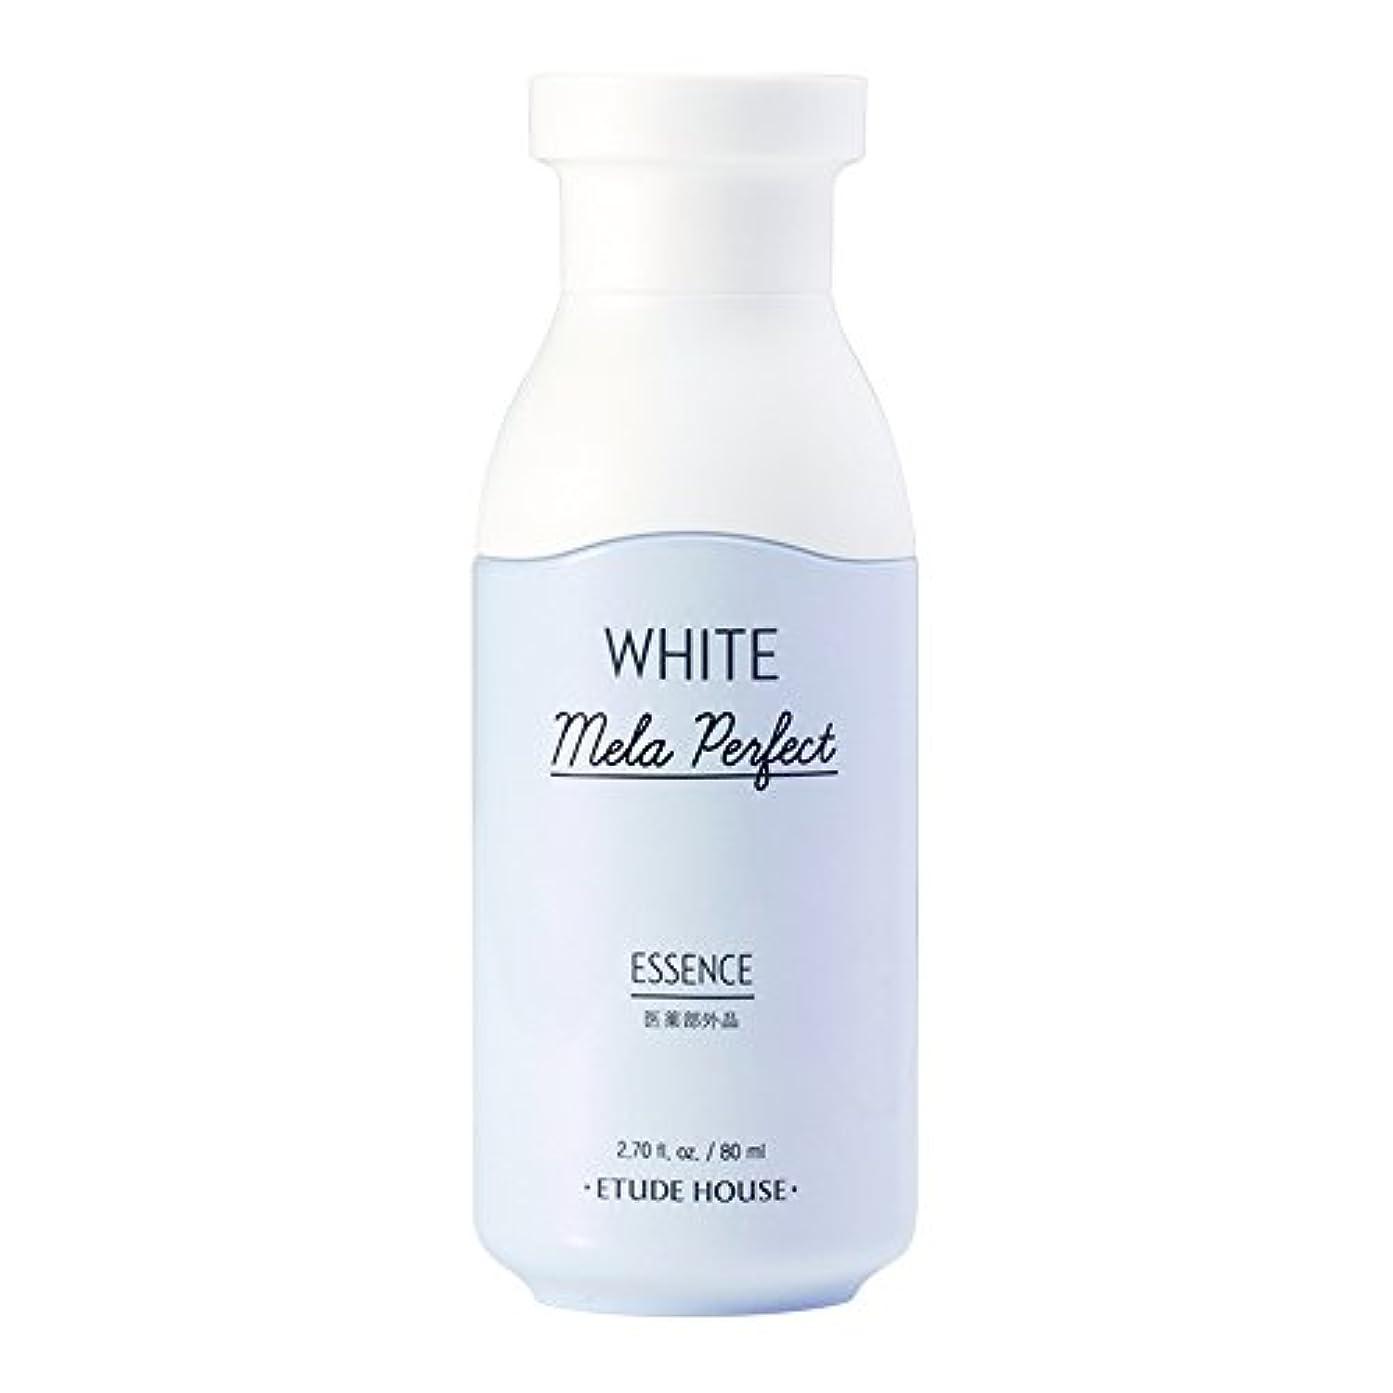 凍ったに話す警告するエチュードハウス(ETUDE HOUSE) ホワイトメラパーフェクト エッセンス「美白美容液」